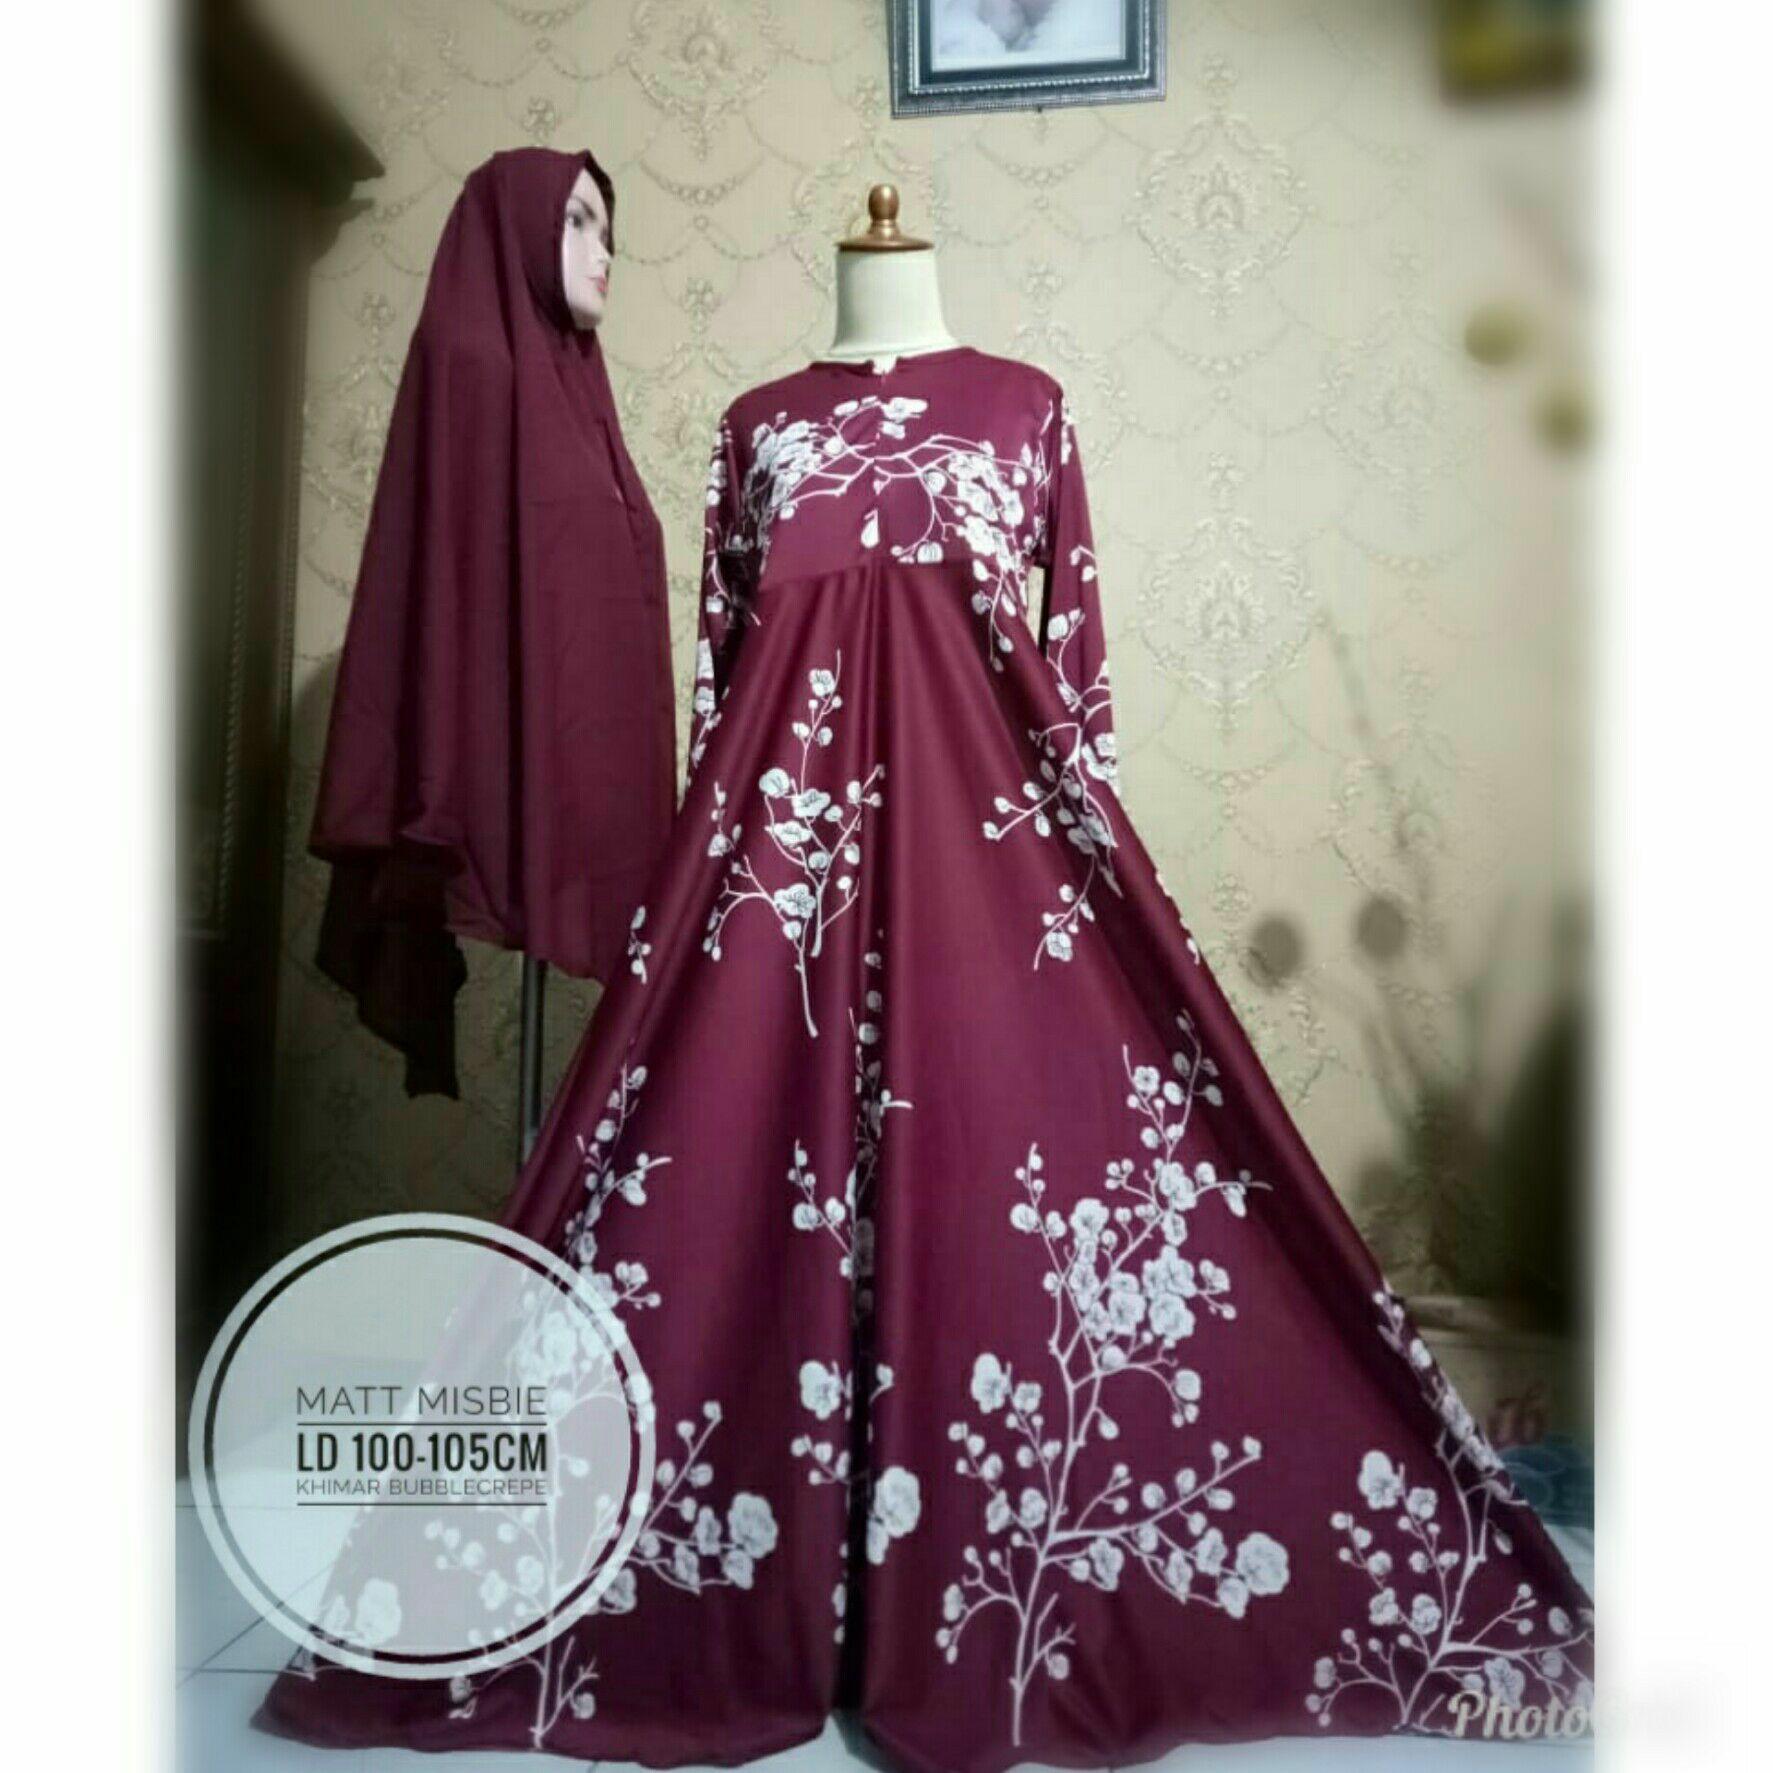 af3b6e090b7c203f8d11fe40cd61a4d8 Kumpulan Harga Dress Muslim Terbaru 2014 Terbaru saat ini